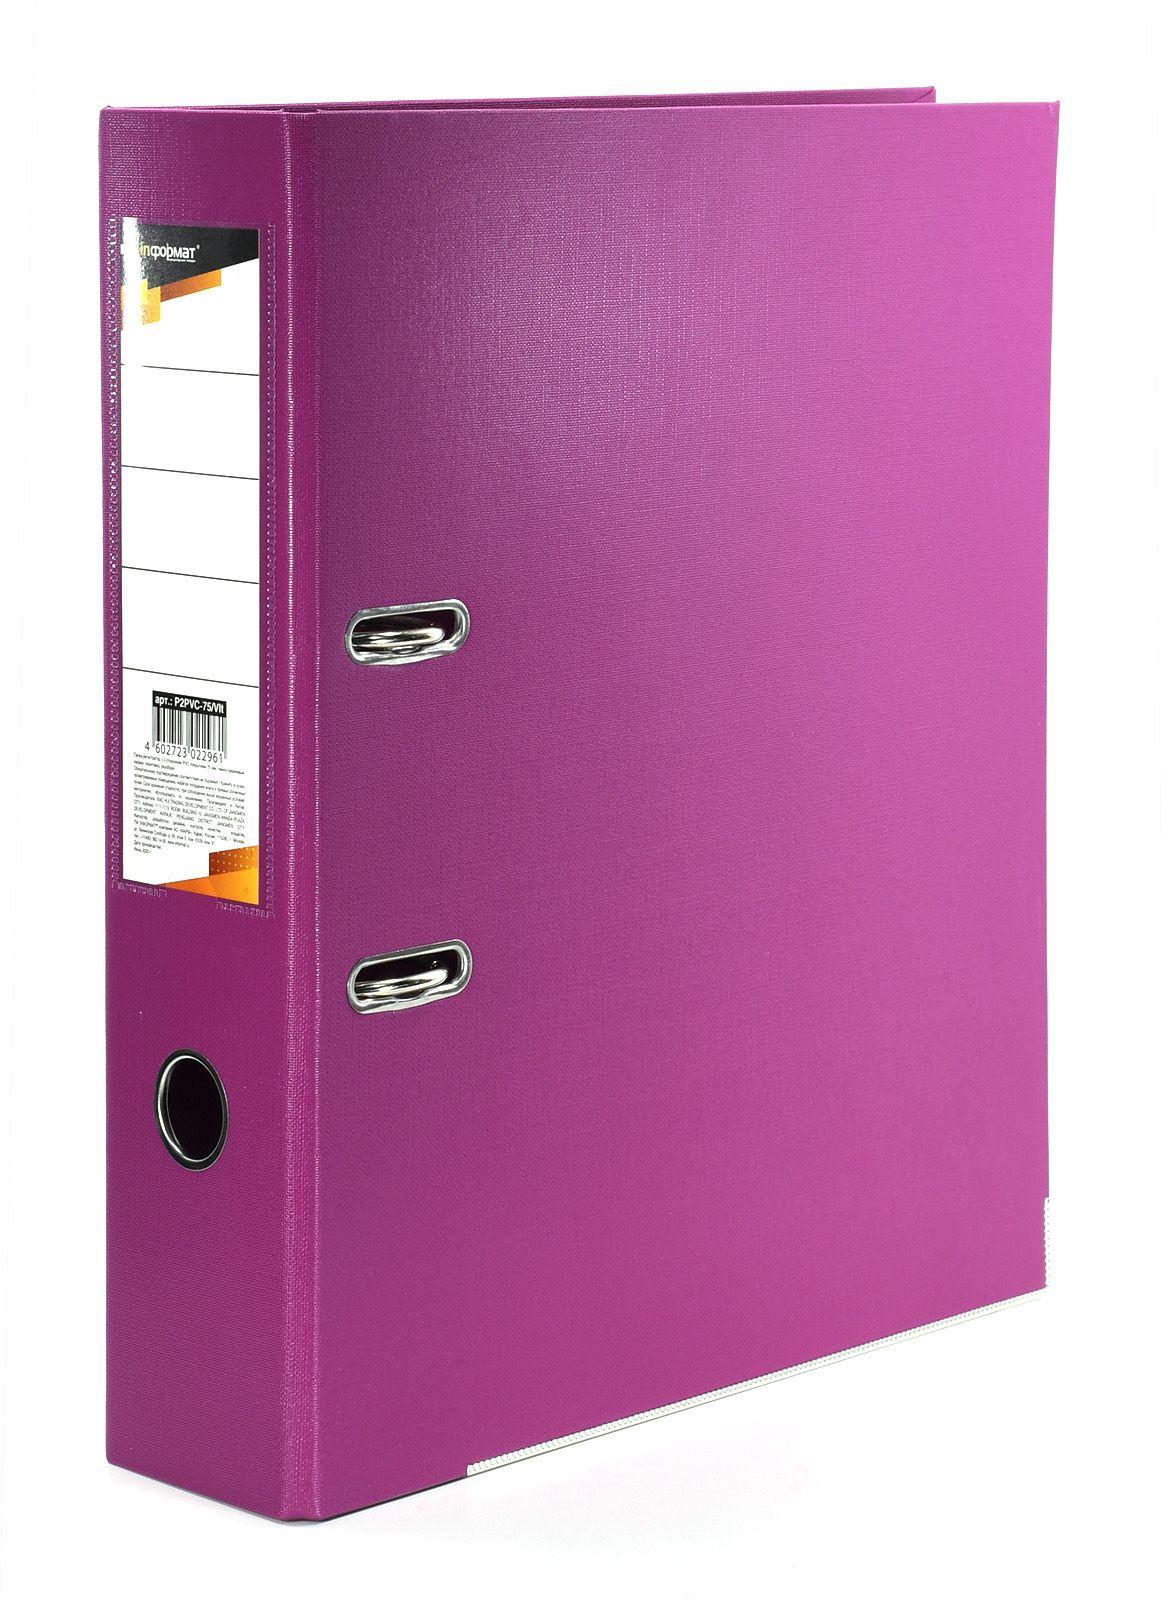 Папка-регистратор INFORMAT 75 мм двухстороннее покрытие PVC, темно-сиреневая